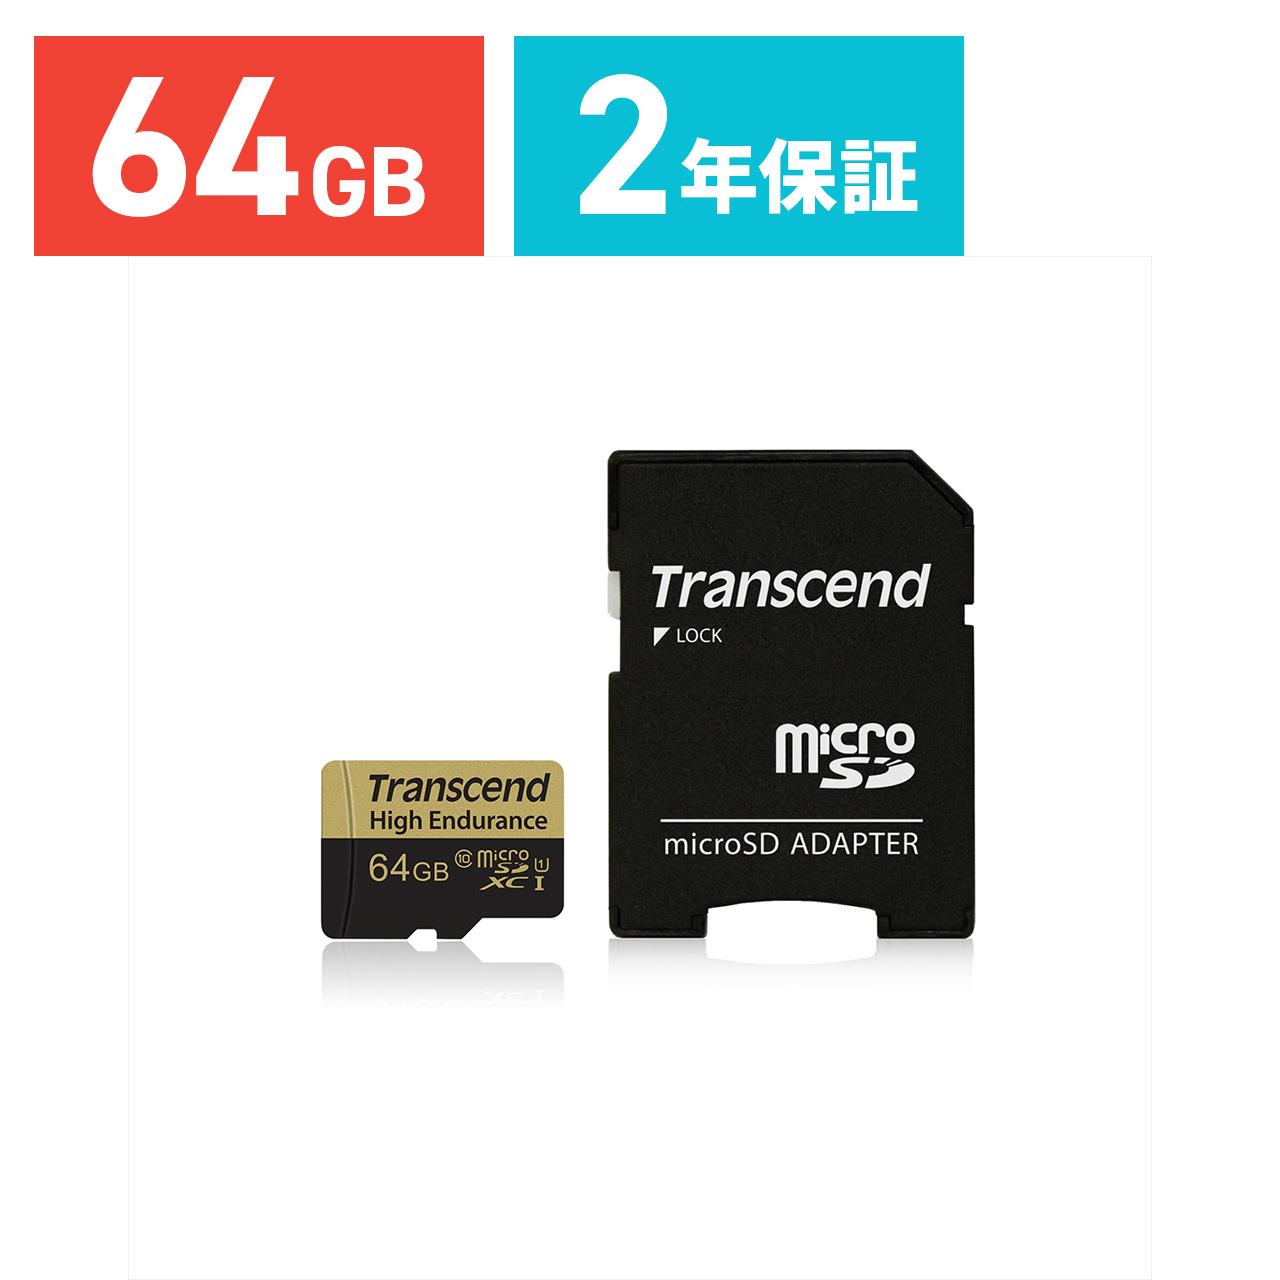 TS64GUSDXC10V ネコポス専用 本物 送料無料 Transcend microSDカード 64GB 高耐久 ドライブレコーダー向け マイクロSD SDカード変換アダプタ付 Class10 卒業 セール 特集 2年保証 microSDXC クラス10 入学